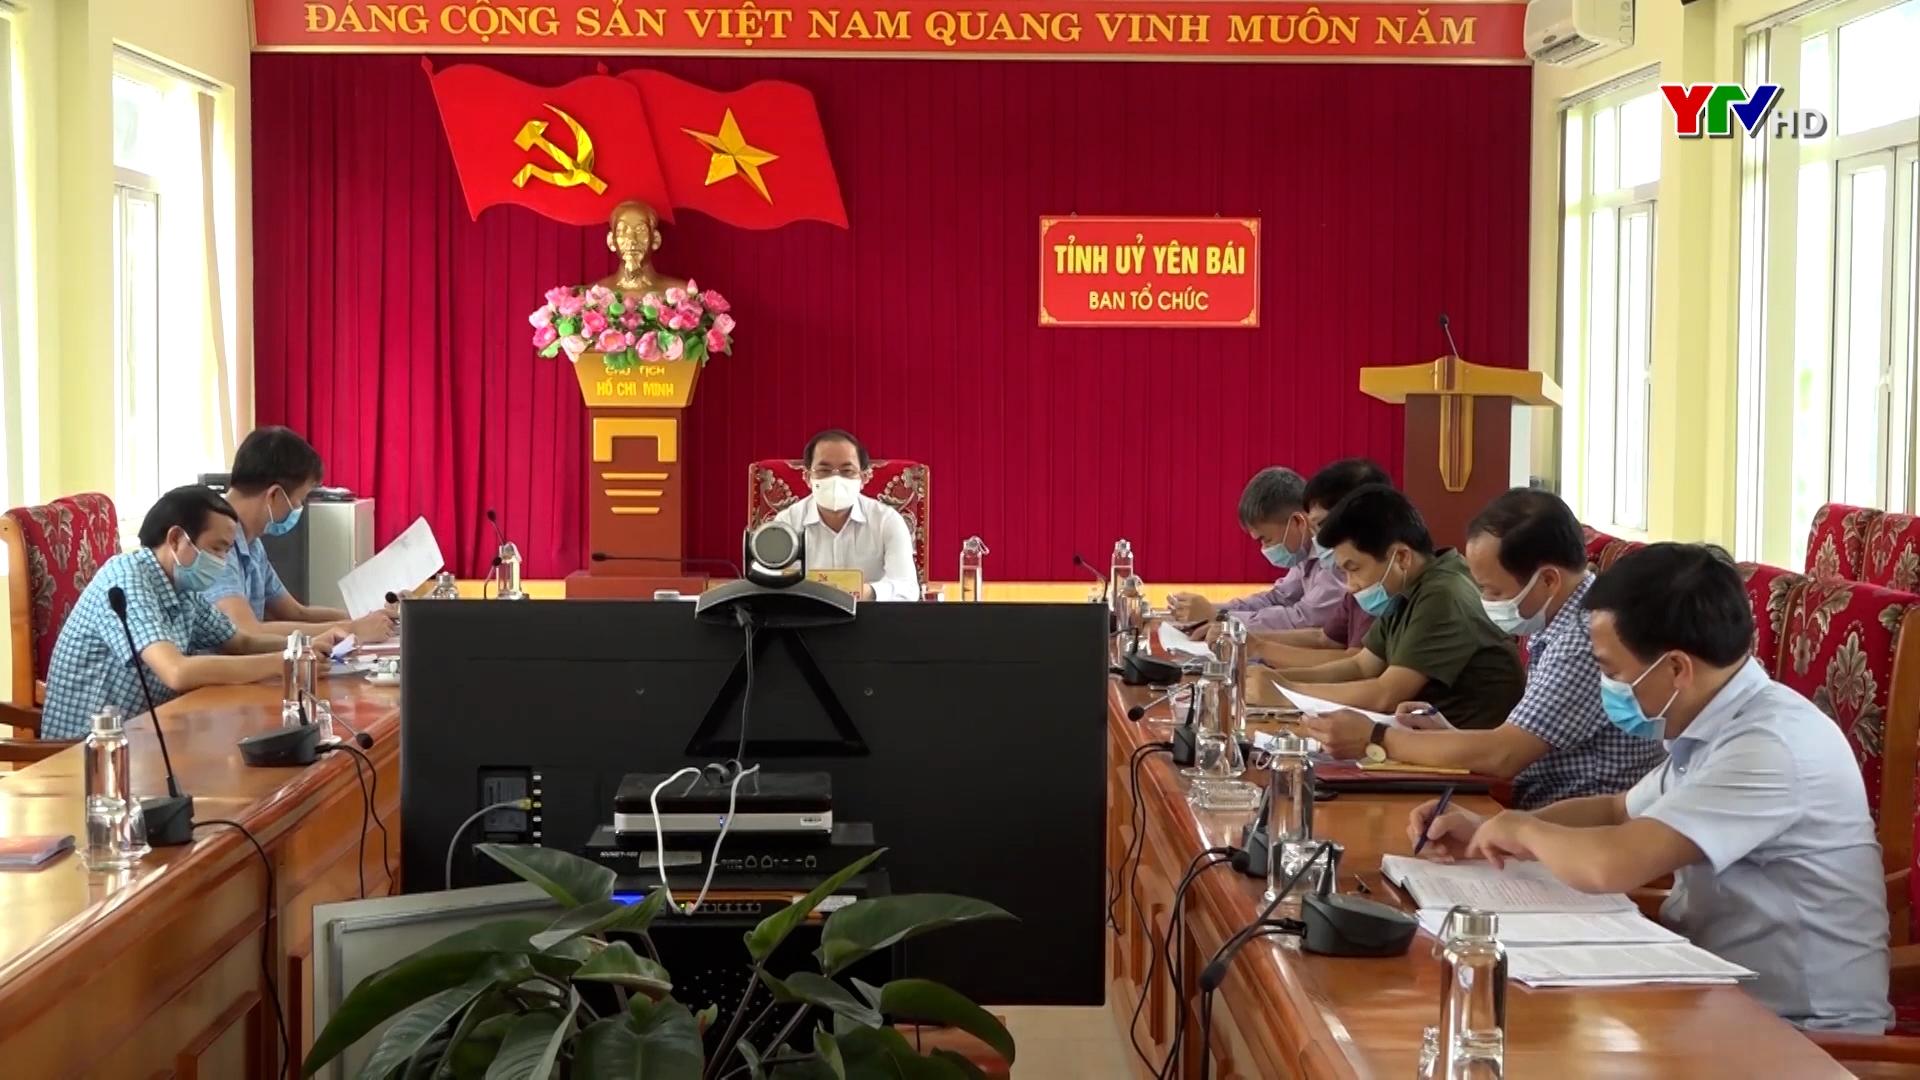 Yên Bái dự Hội nghị trực tuyến lấy ý kiến góp ý vào các dự thảo báo cáo, tờ trình, quy định thi hành Điều lệ Đảng